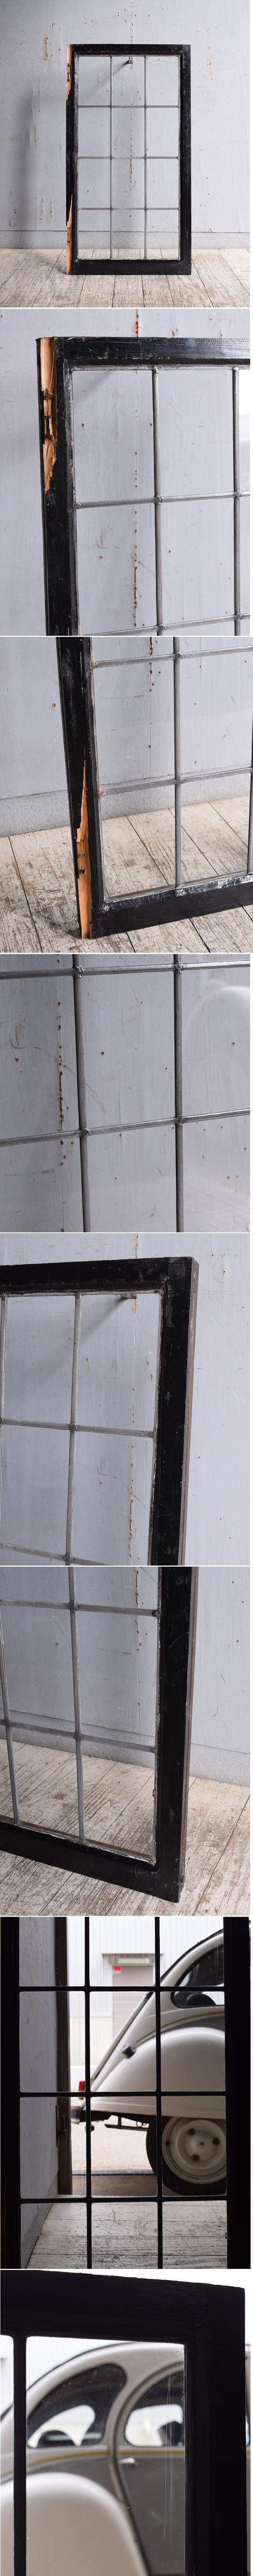 イギリス アンティーク 窓 無色透明 10339